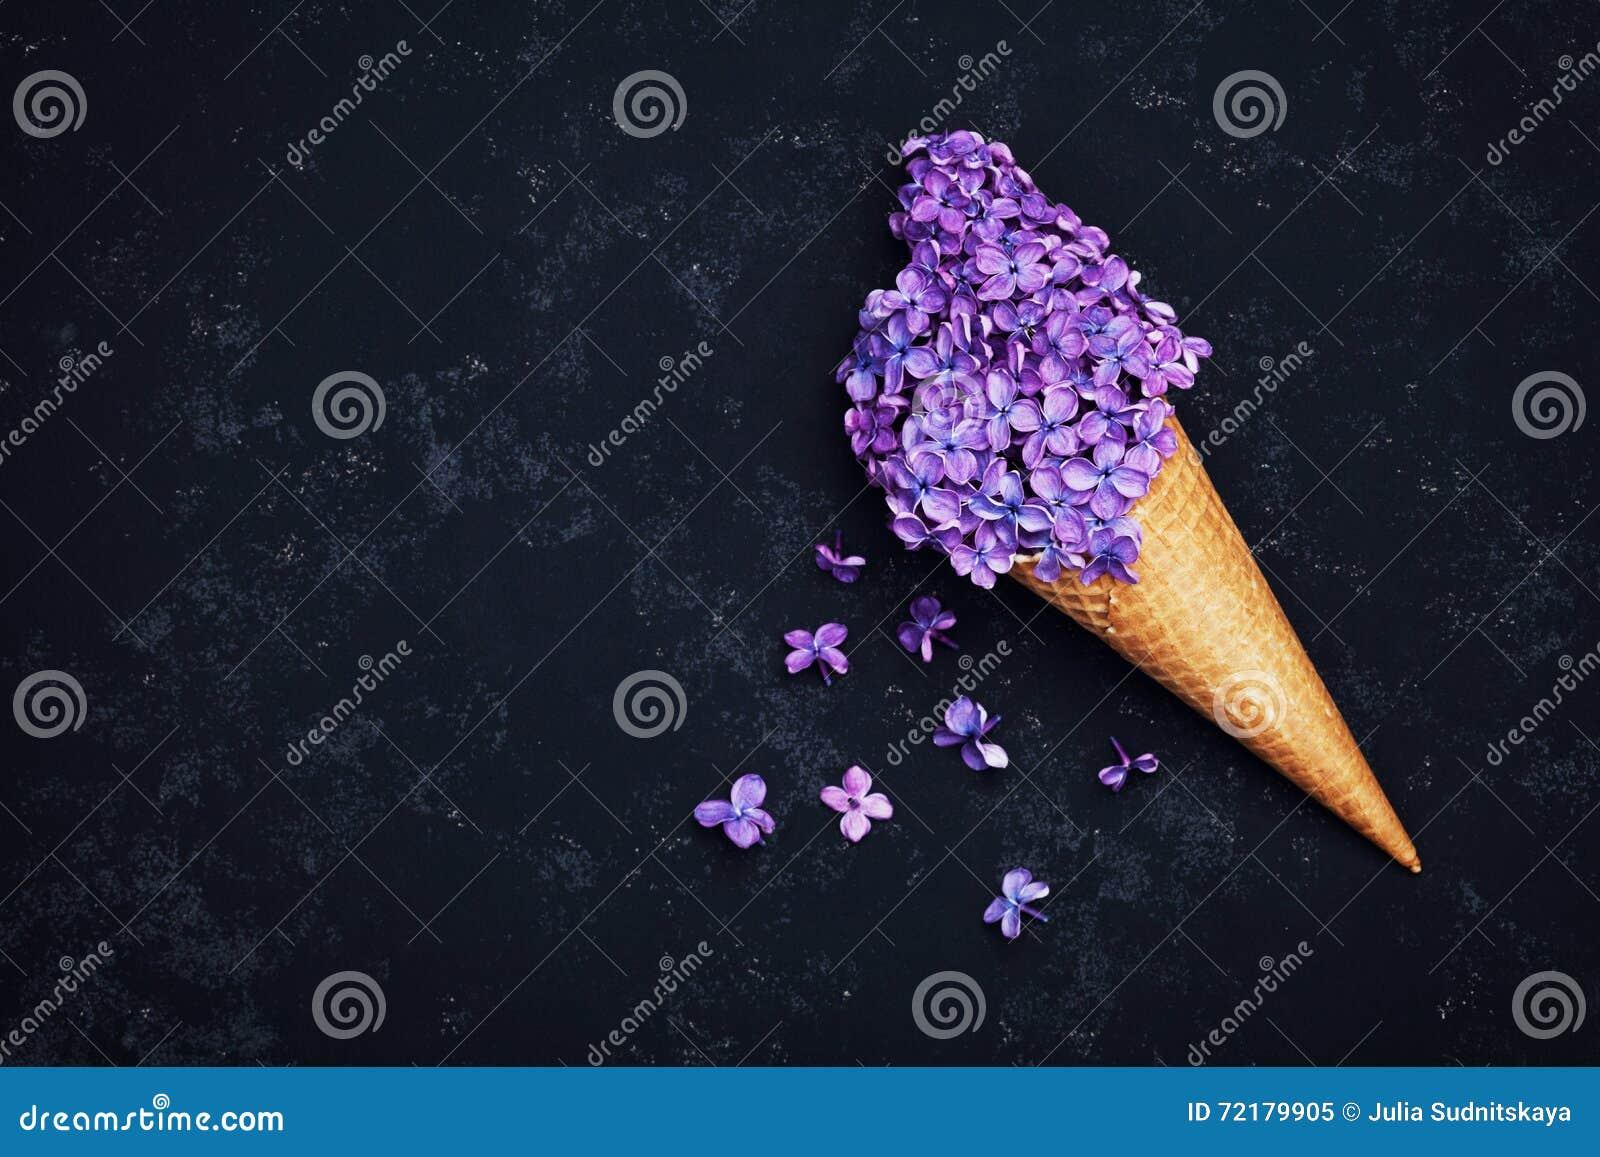 Het roomijs van lilac bloemen in wafelkegel op zwarte achtergrond van hierboven, mooie bloemenregeling, uitstekende vlakke kleur,